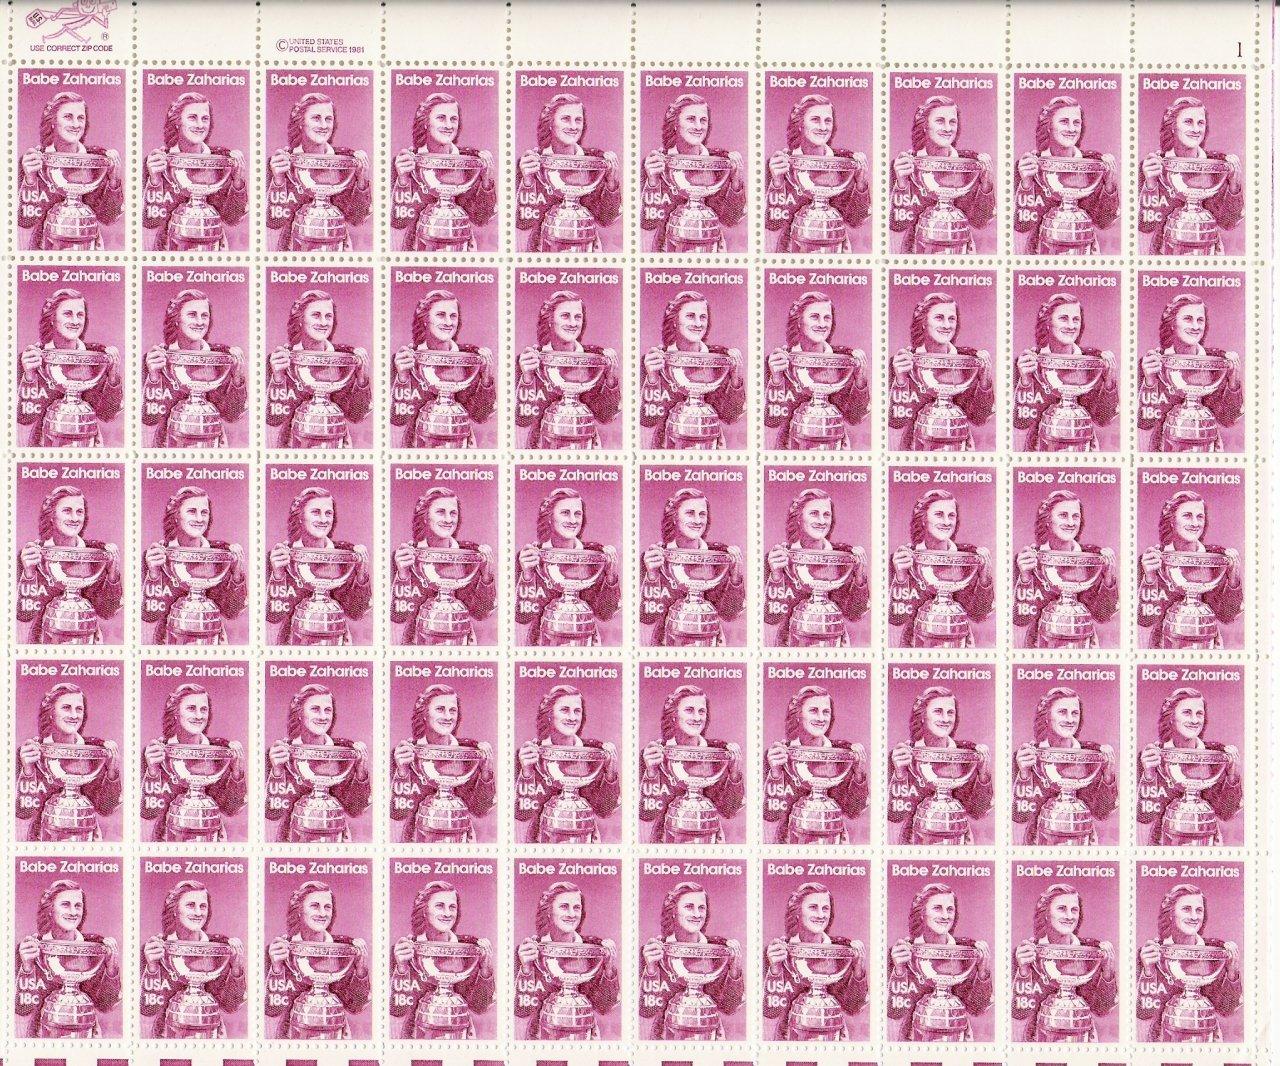 US Scott 1932 - Sheet of 50 - Babe Zaharais - Mint Never Hinged